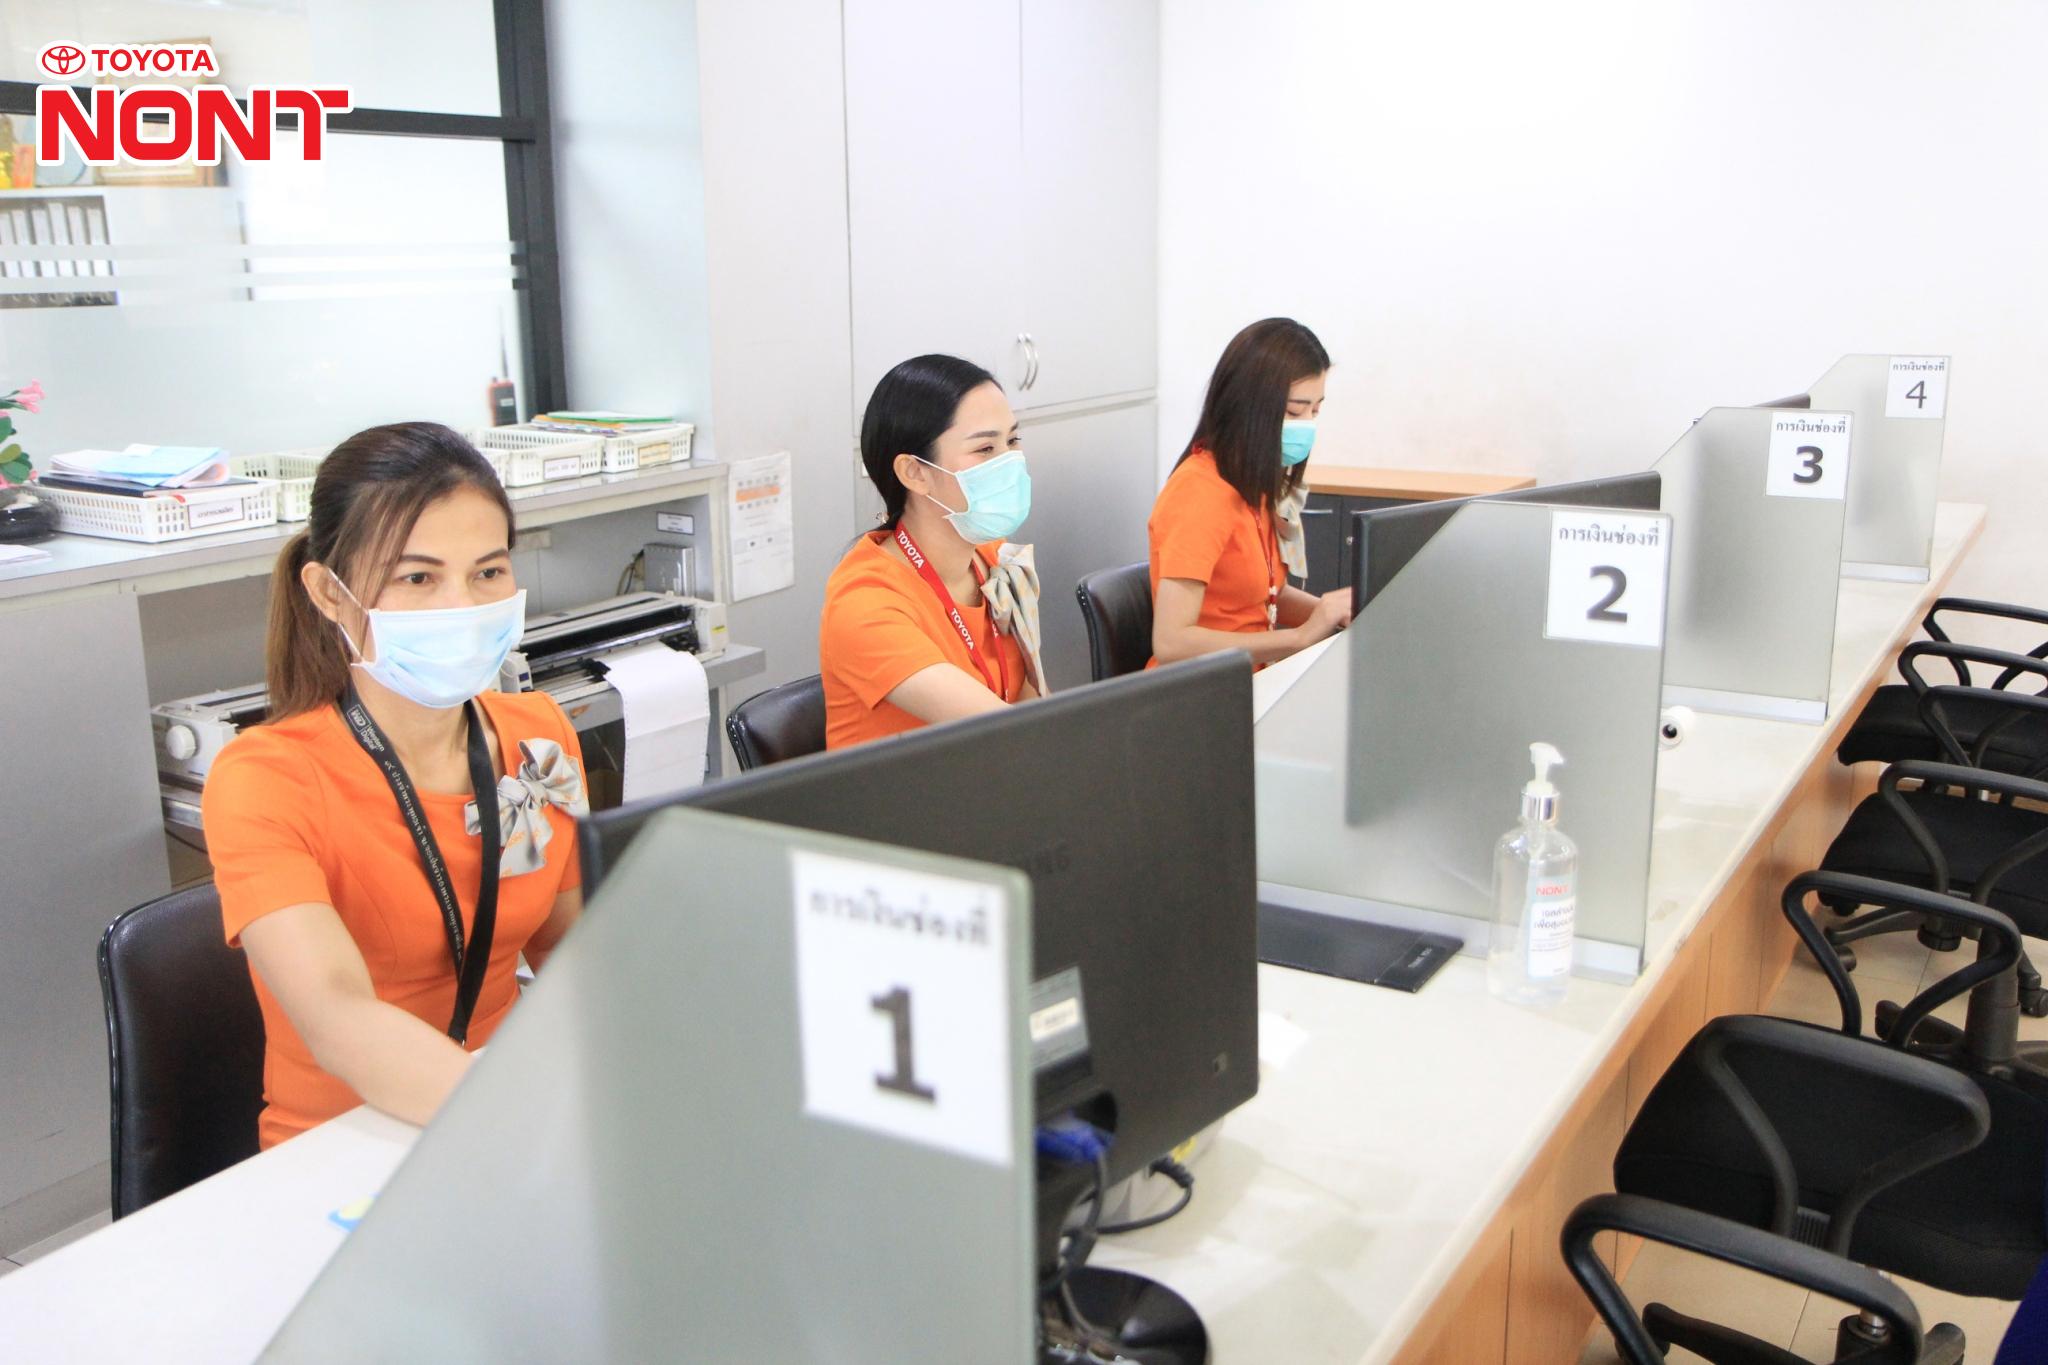 โตโยต้านนทบุรี ห่วงใยลูกค้า ให้คุณมั่นใจ ปลอดภัยไร้ COVID-19